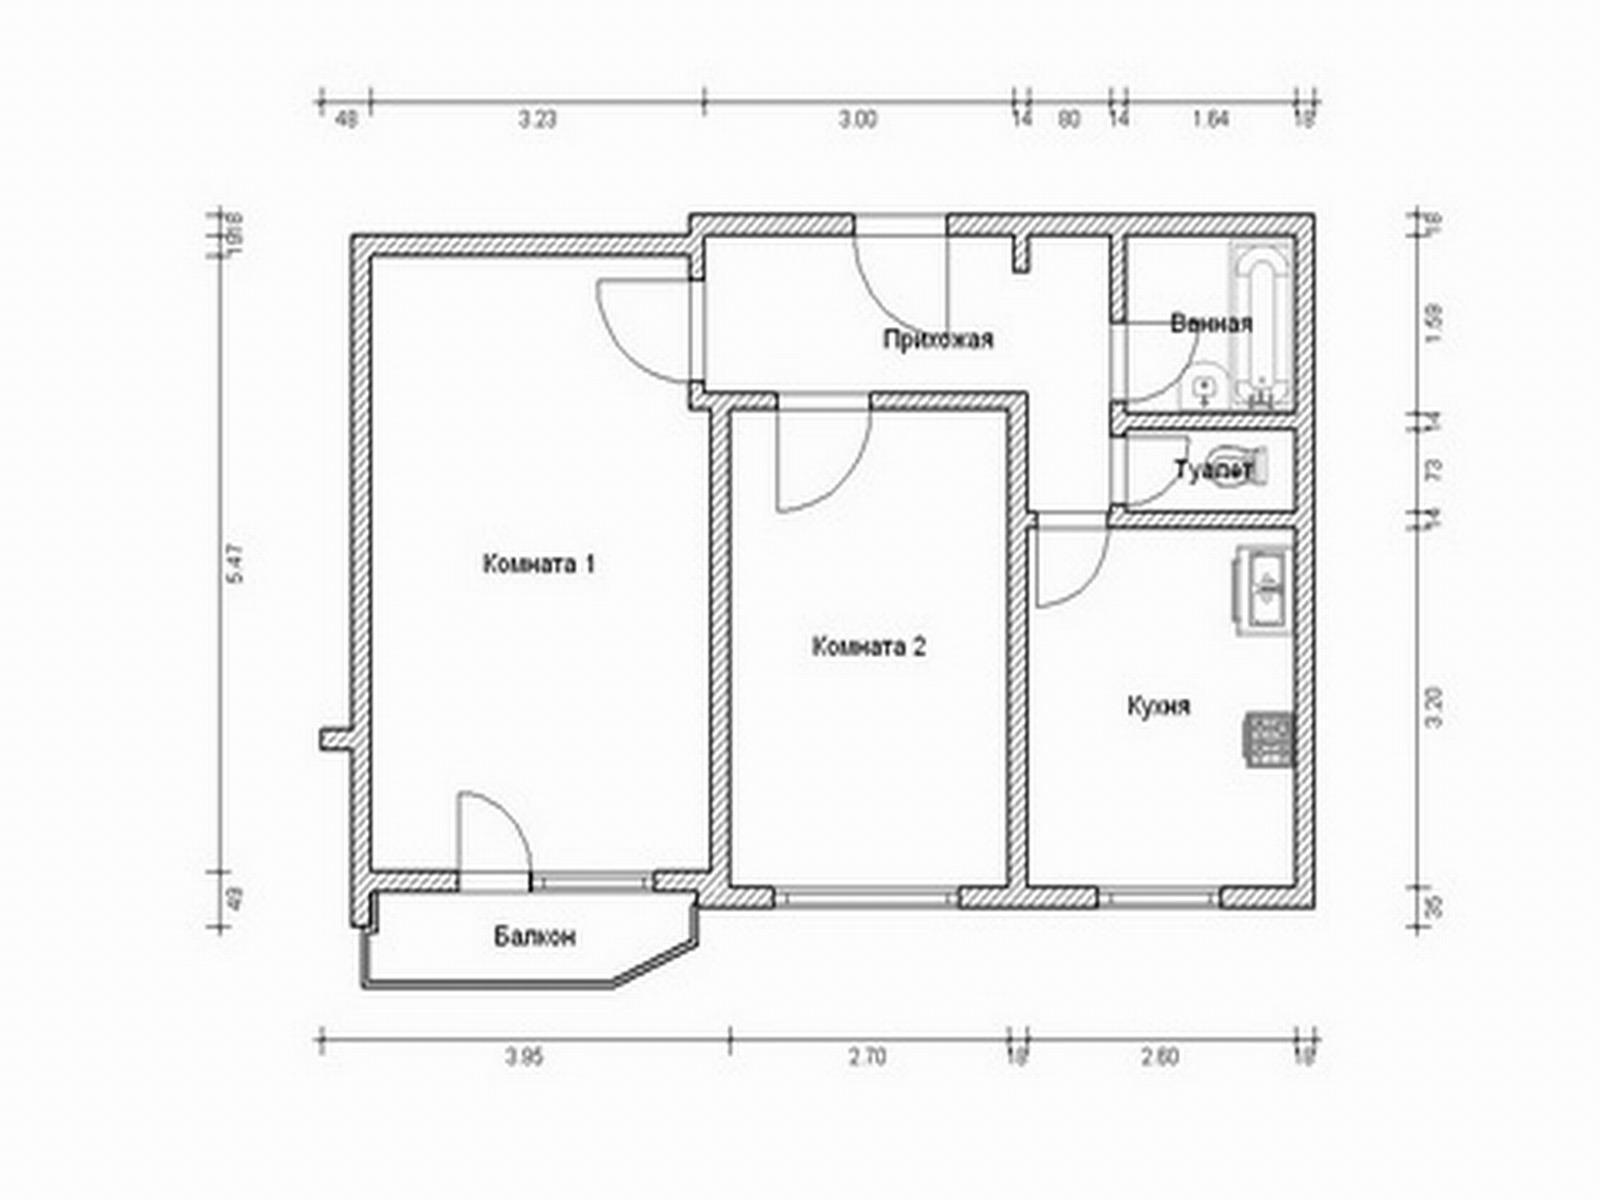 Аренда двухкомнатной квартиры 52 м? на улице раменки, д. 9к3.